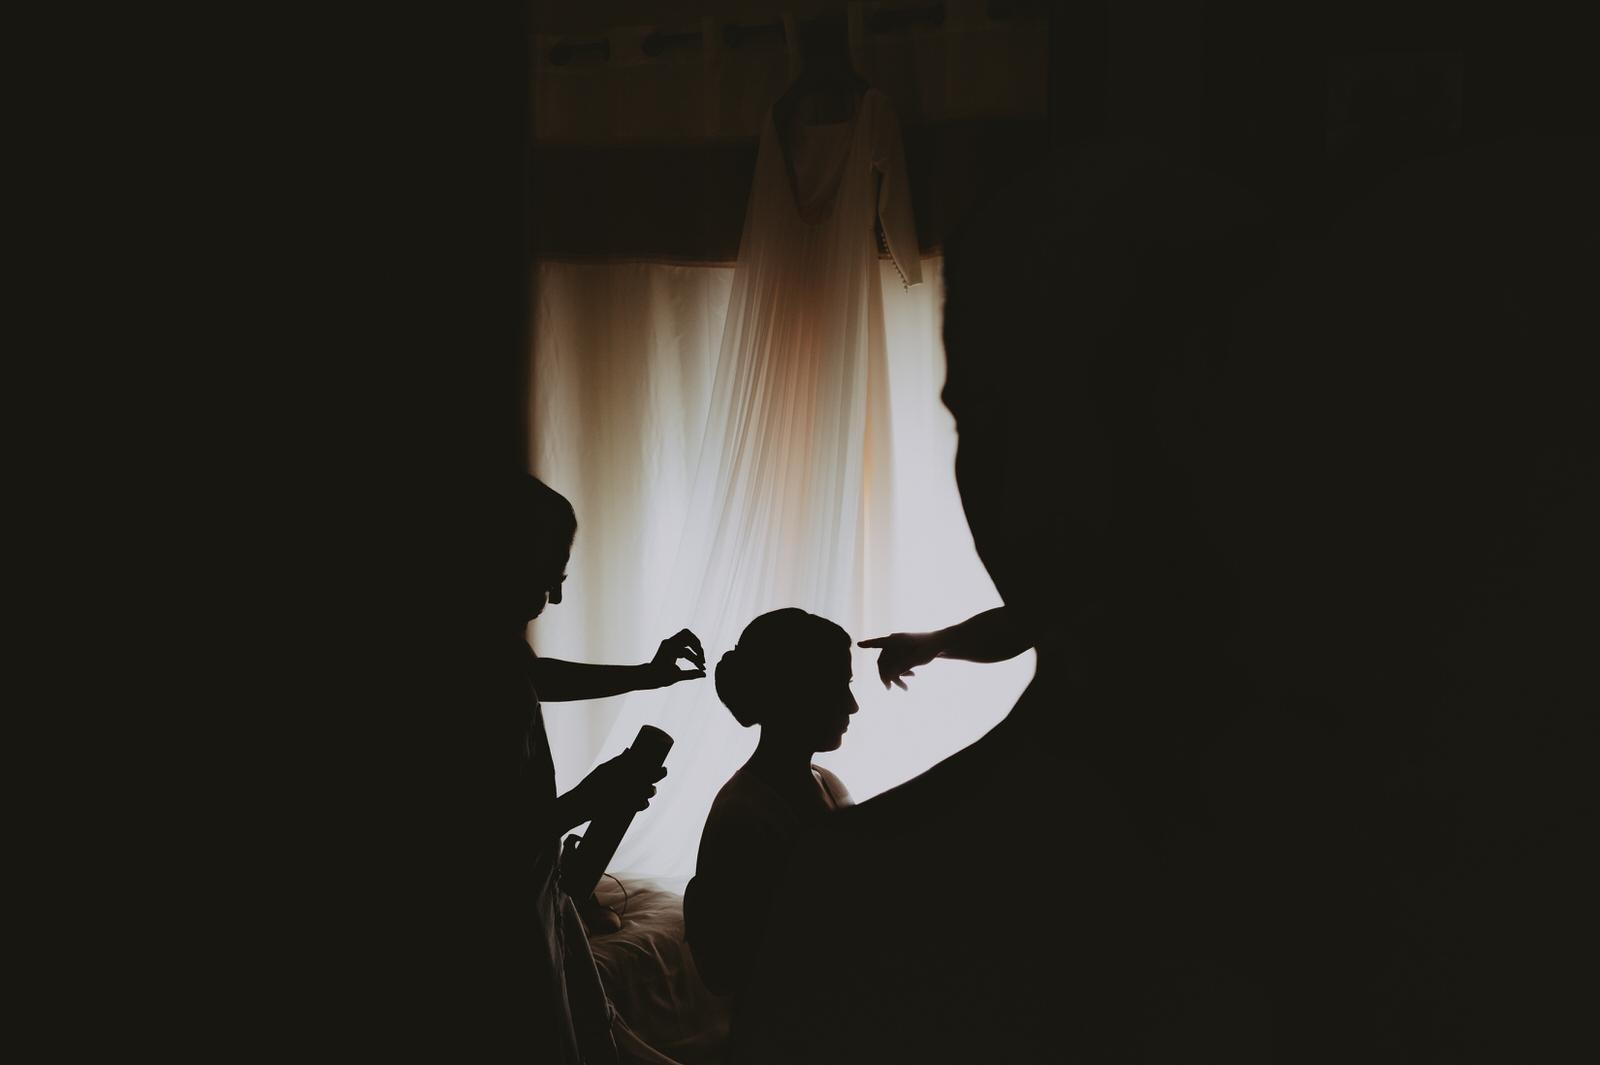 Boda en Utrera - Fotógrafo Andrés Amarillo.jpg